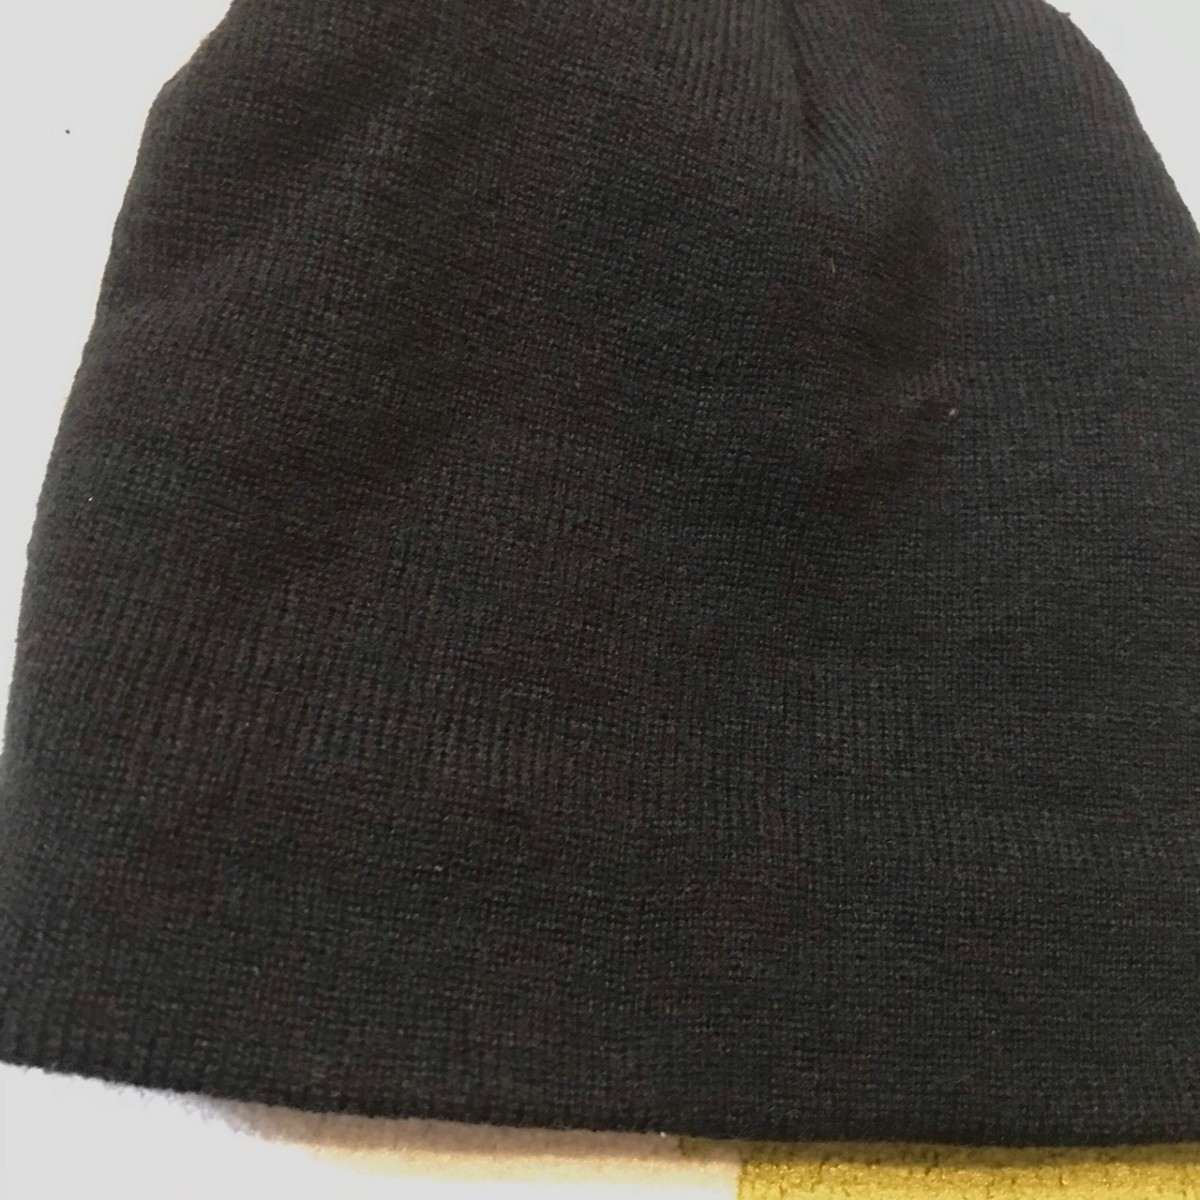 ニットキャップ ビーニー ニット帽 メンズ 帽子 ニット セット